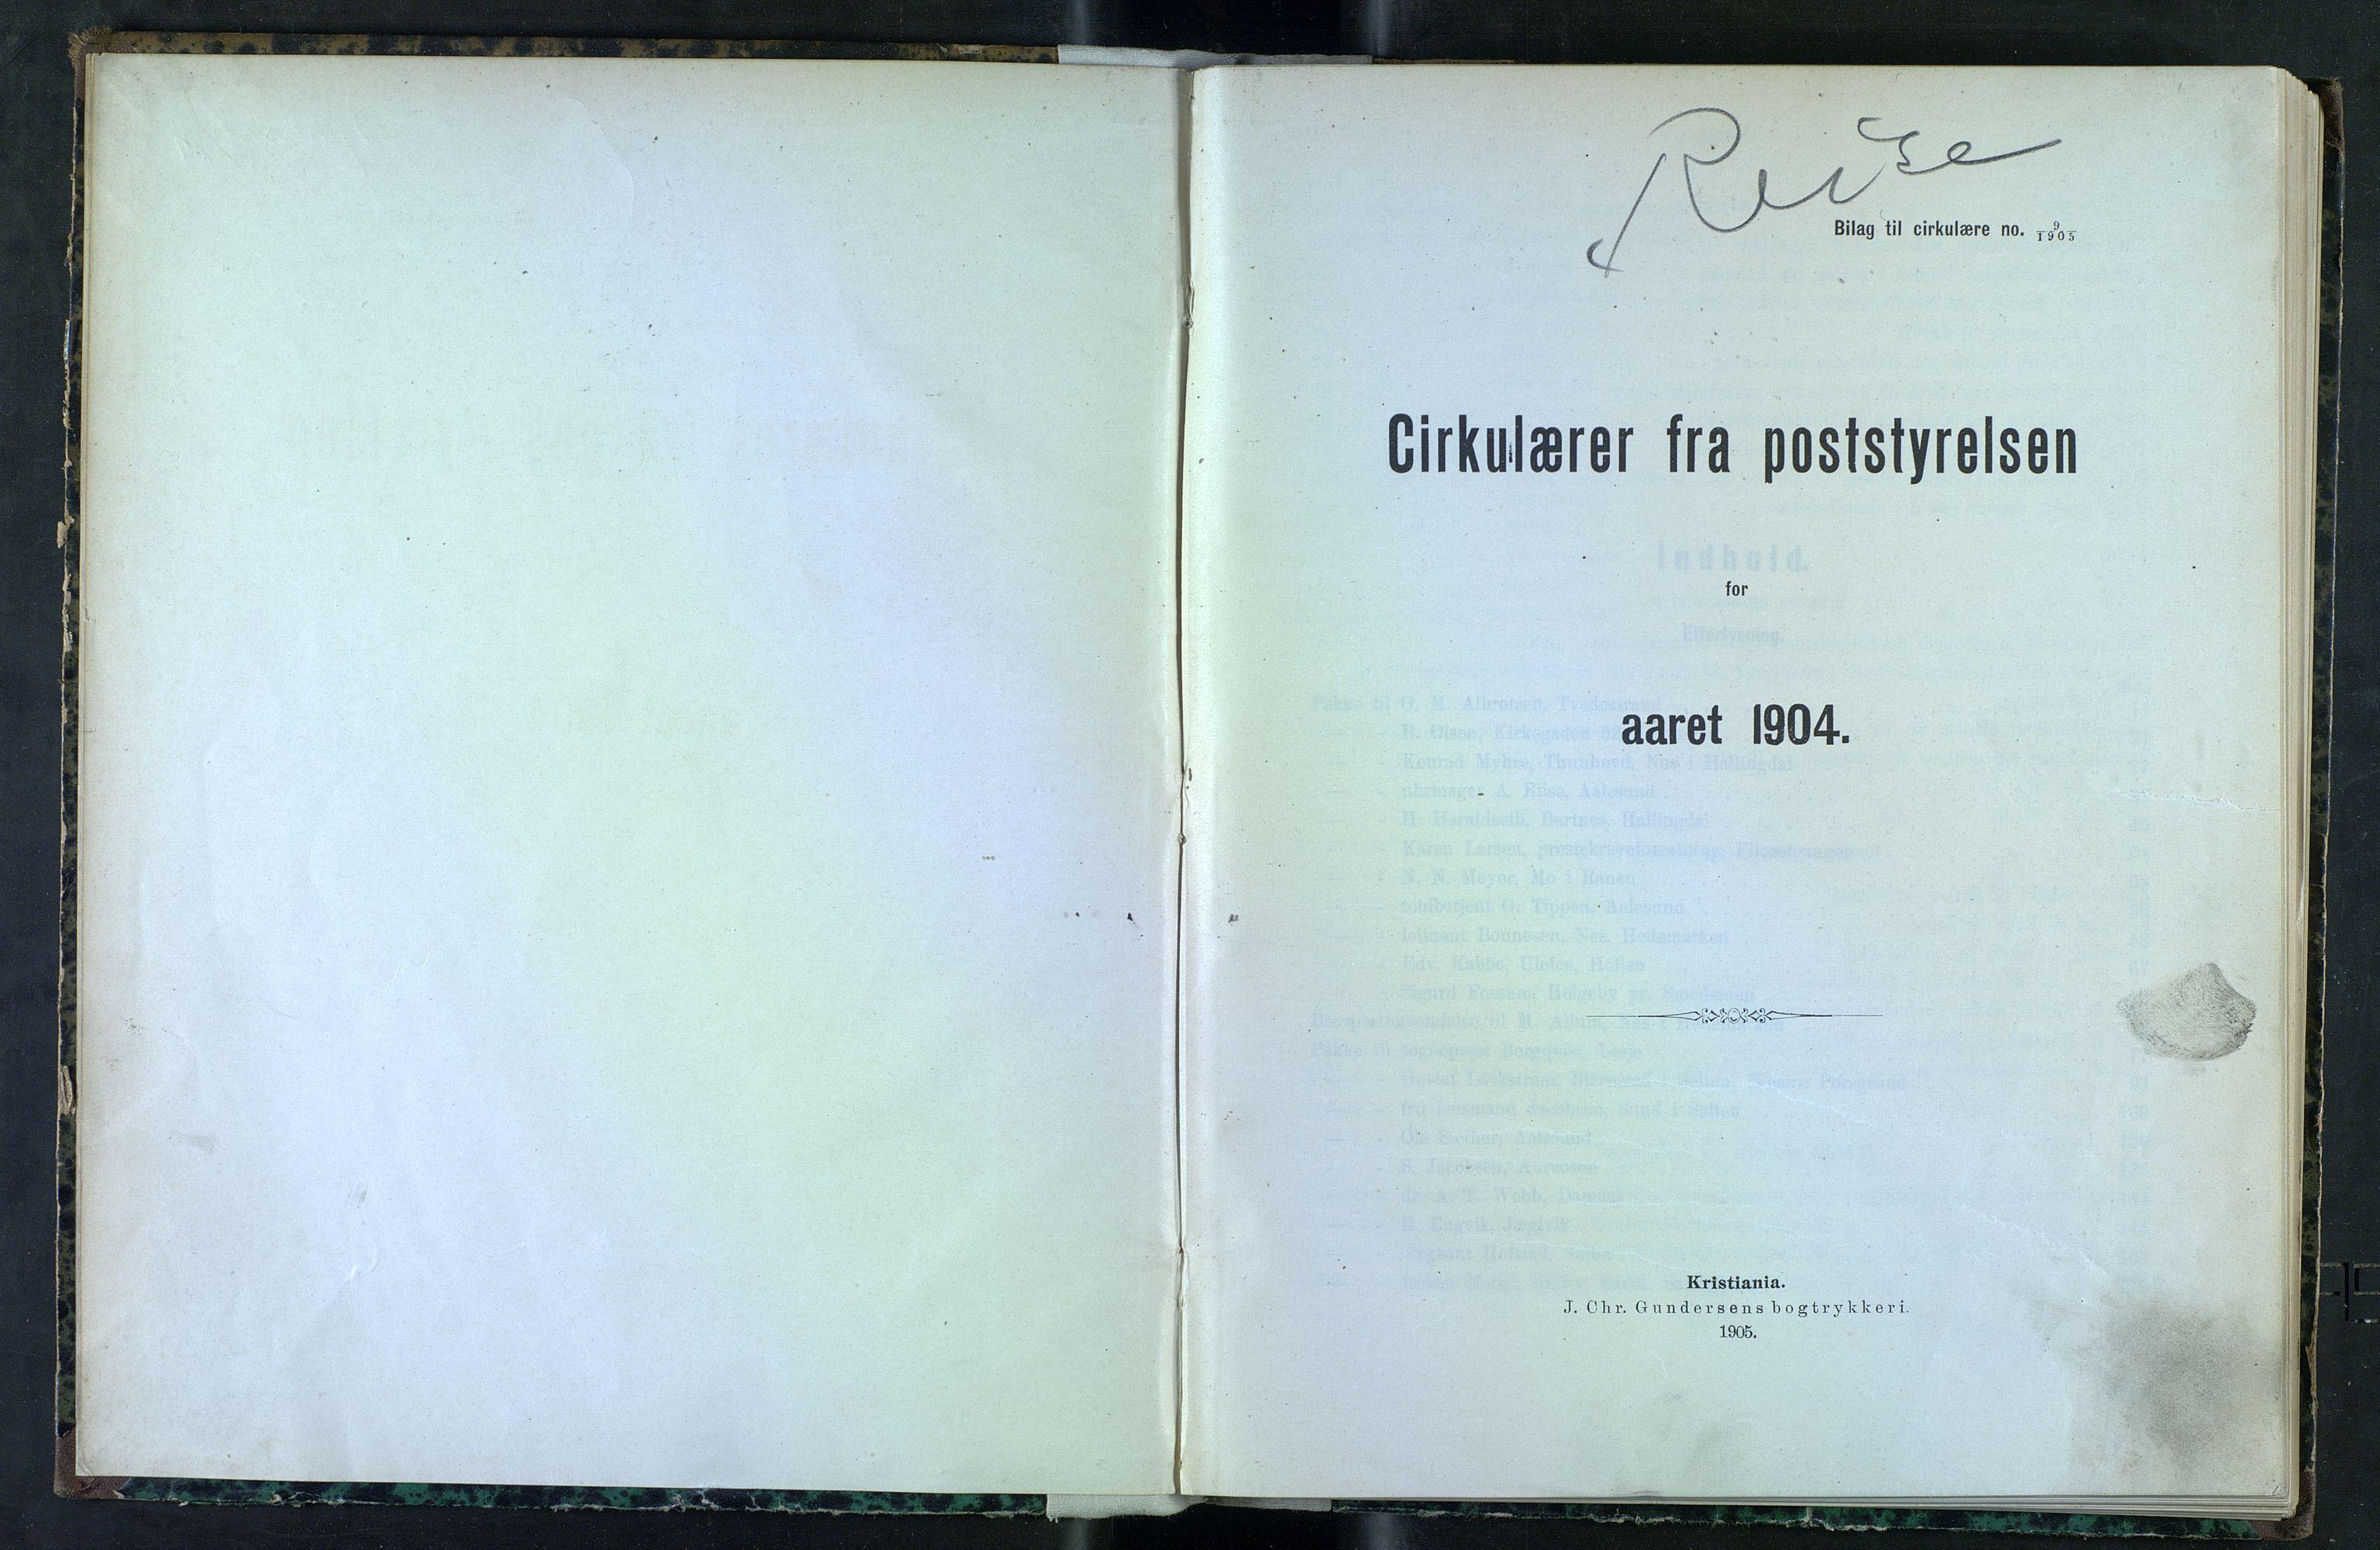 NOPO, Norges Postmuseums bibliotek, -/-: Sirkulærer fra Poststyrelsen, 1904